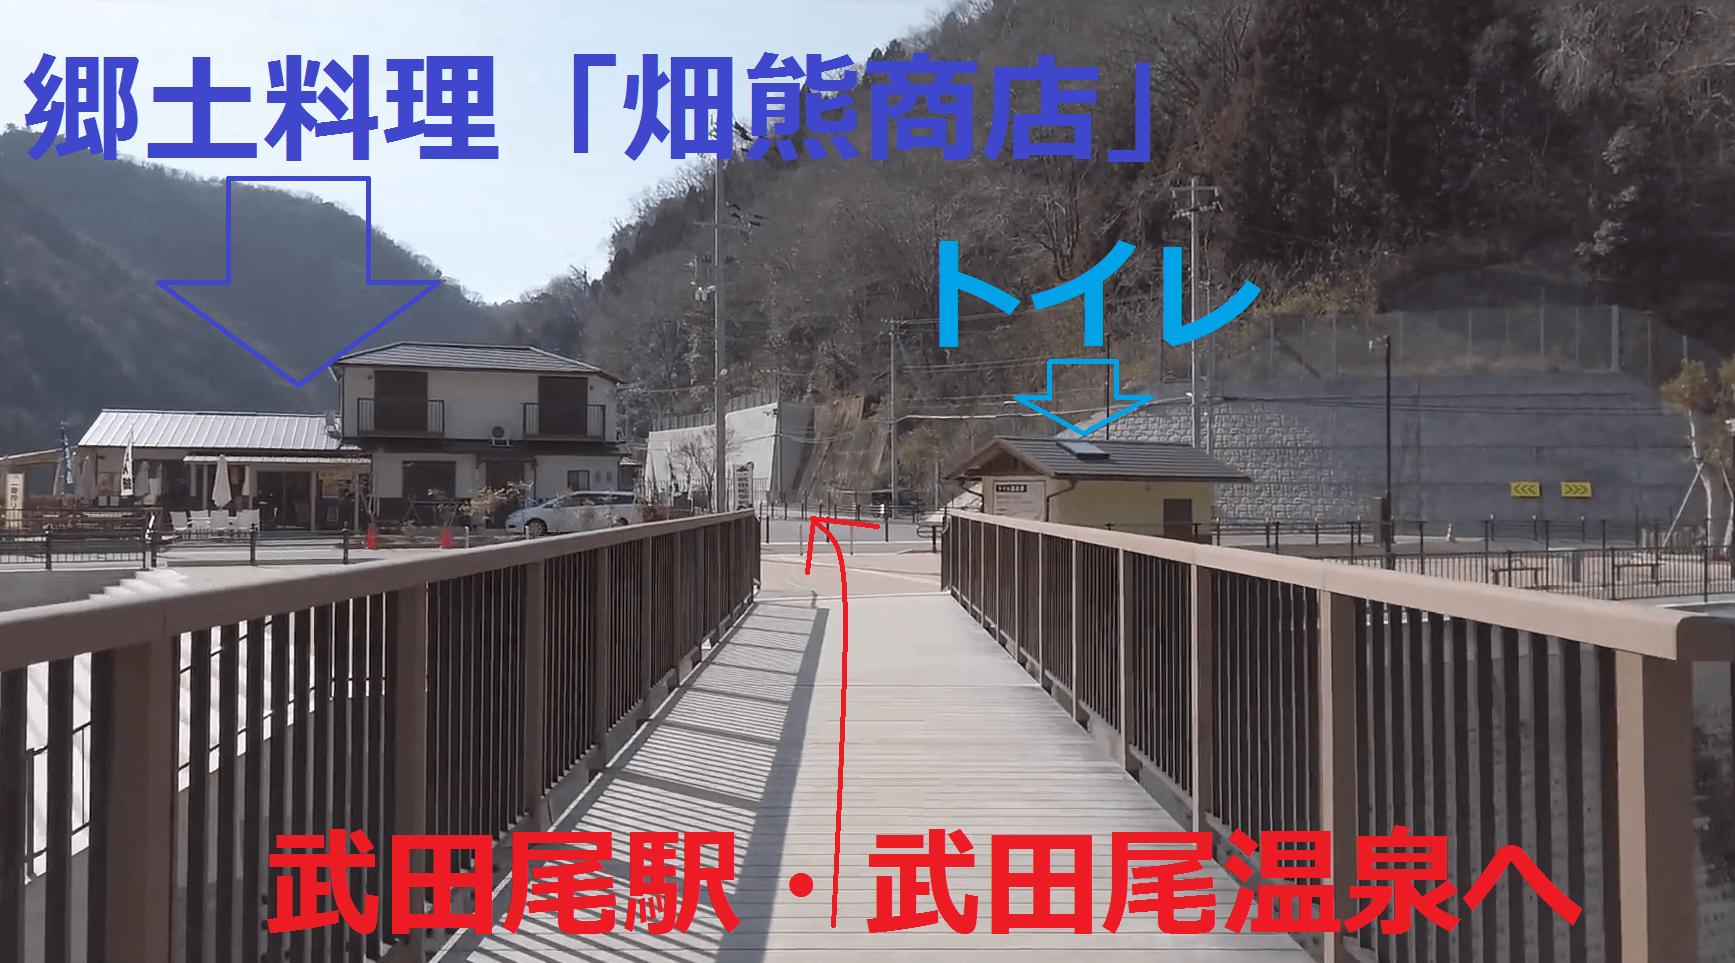 武田尾廃線敷の入口(スタート)と出口(ゴール)